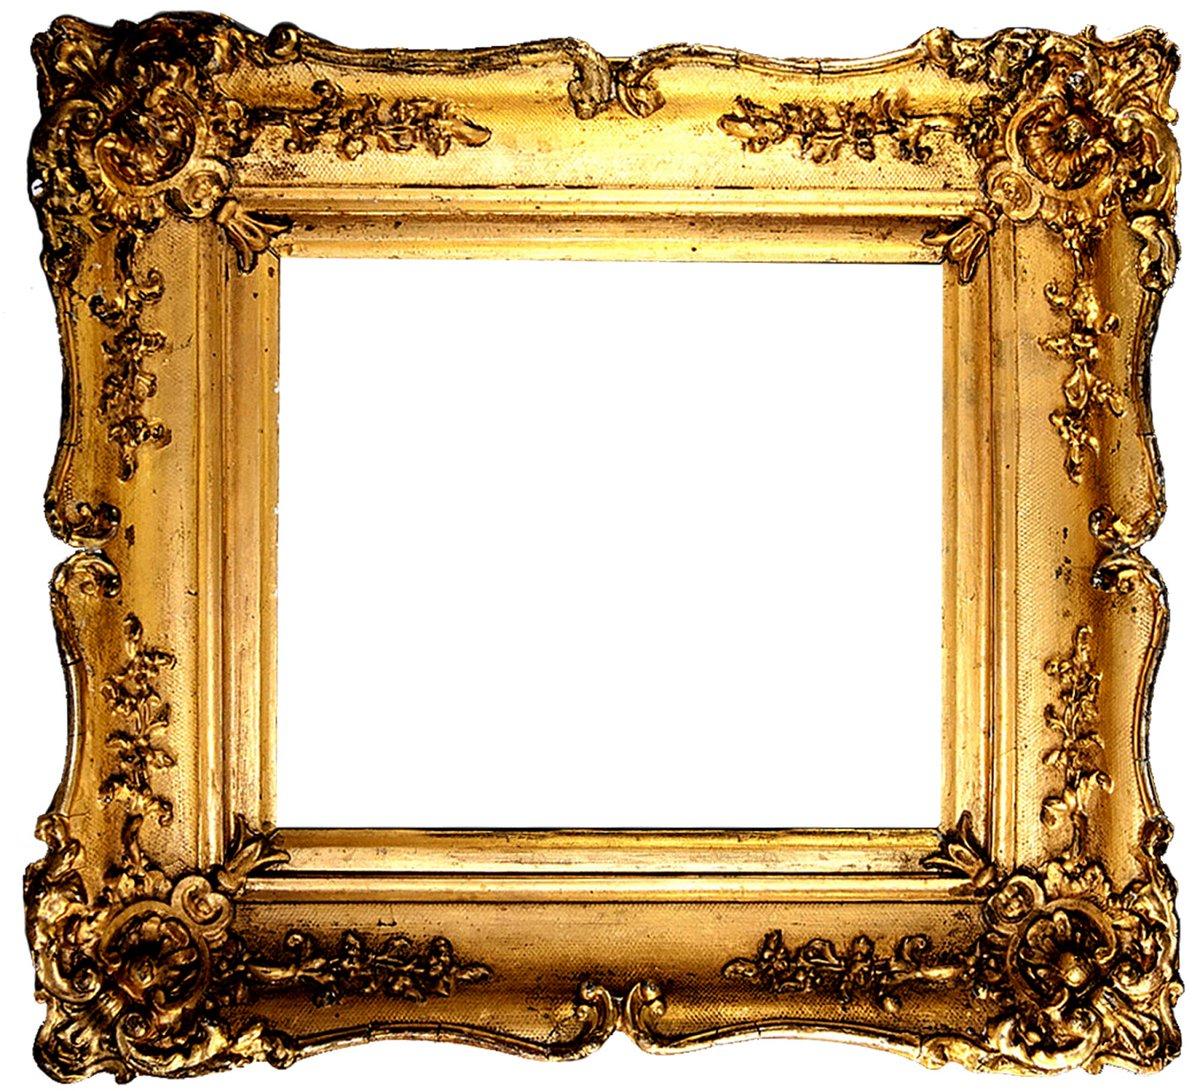 RT @DreBrandes: Wie een frame maakt voor een ander.... https://t.co/OChmzW8eLx